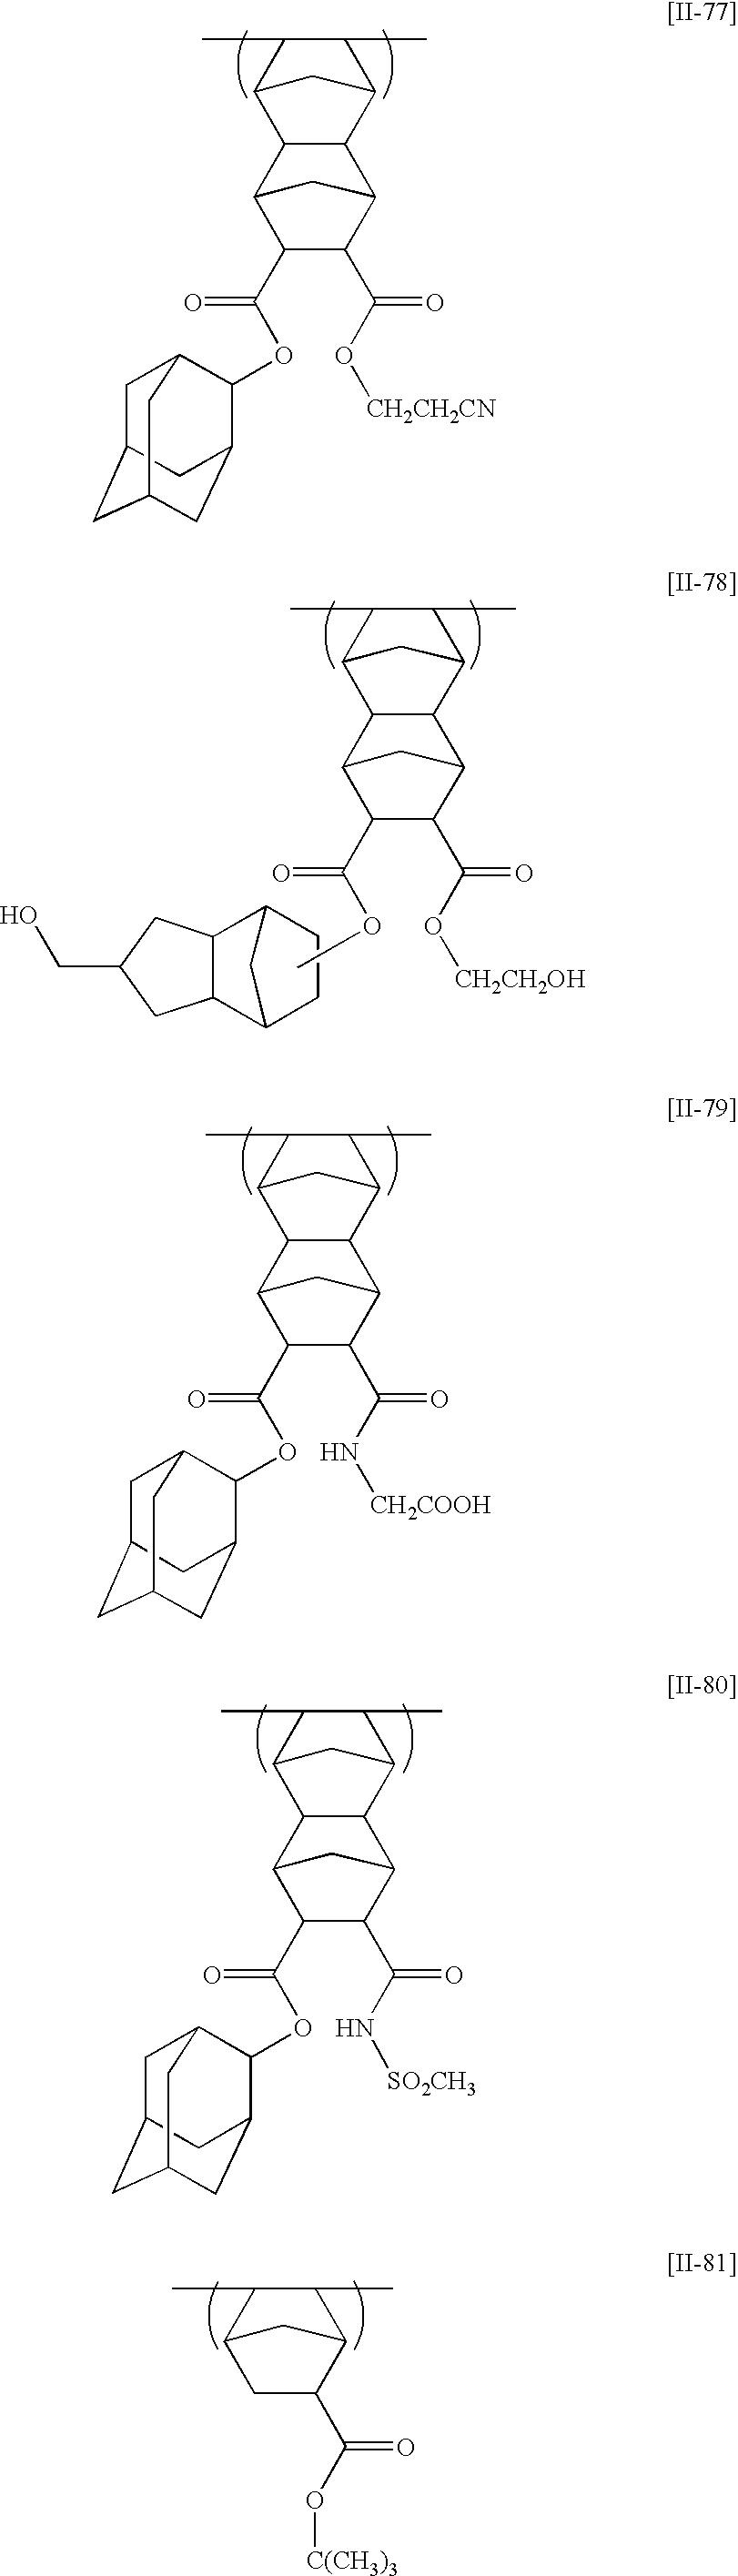 Figure US20030186161A1-20031002-C00072